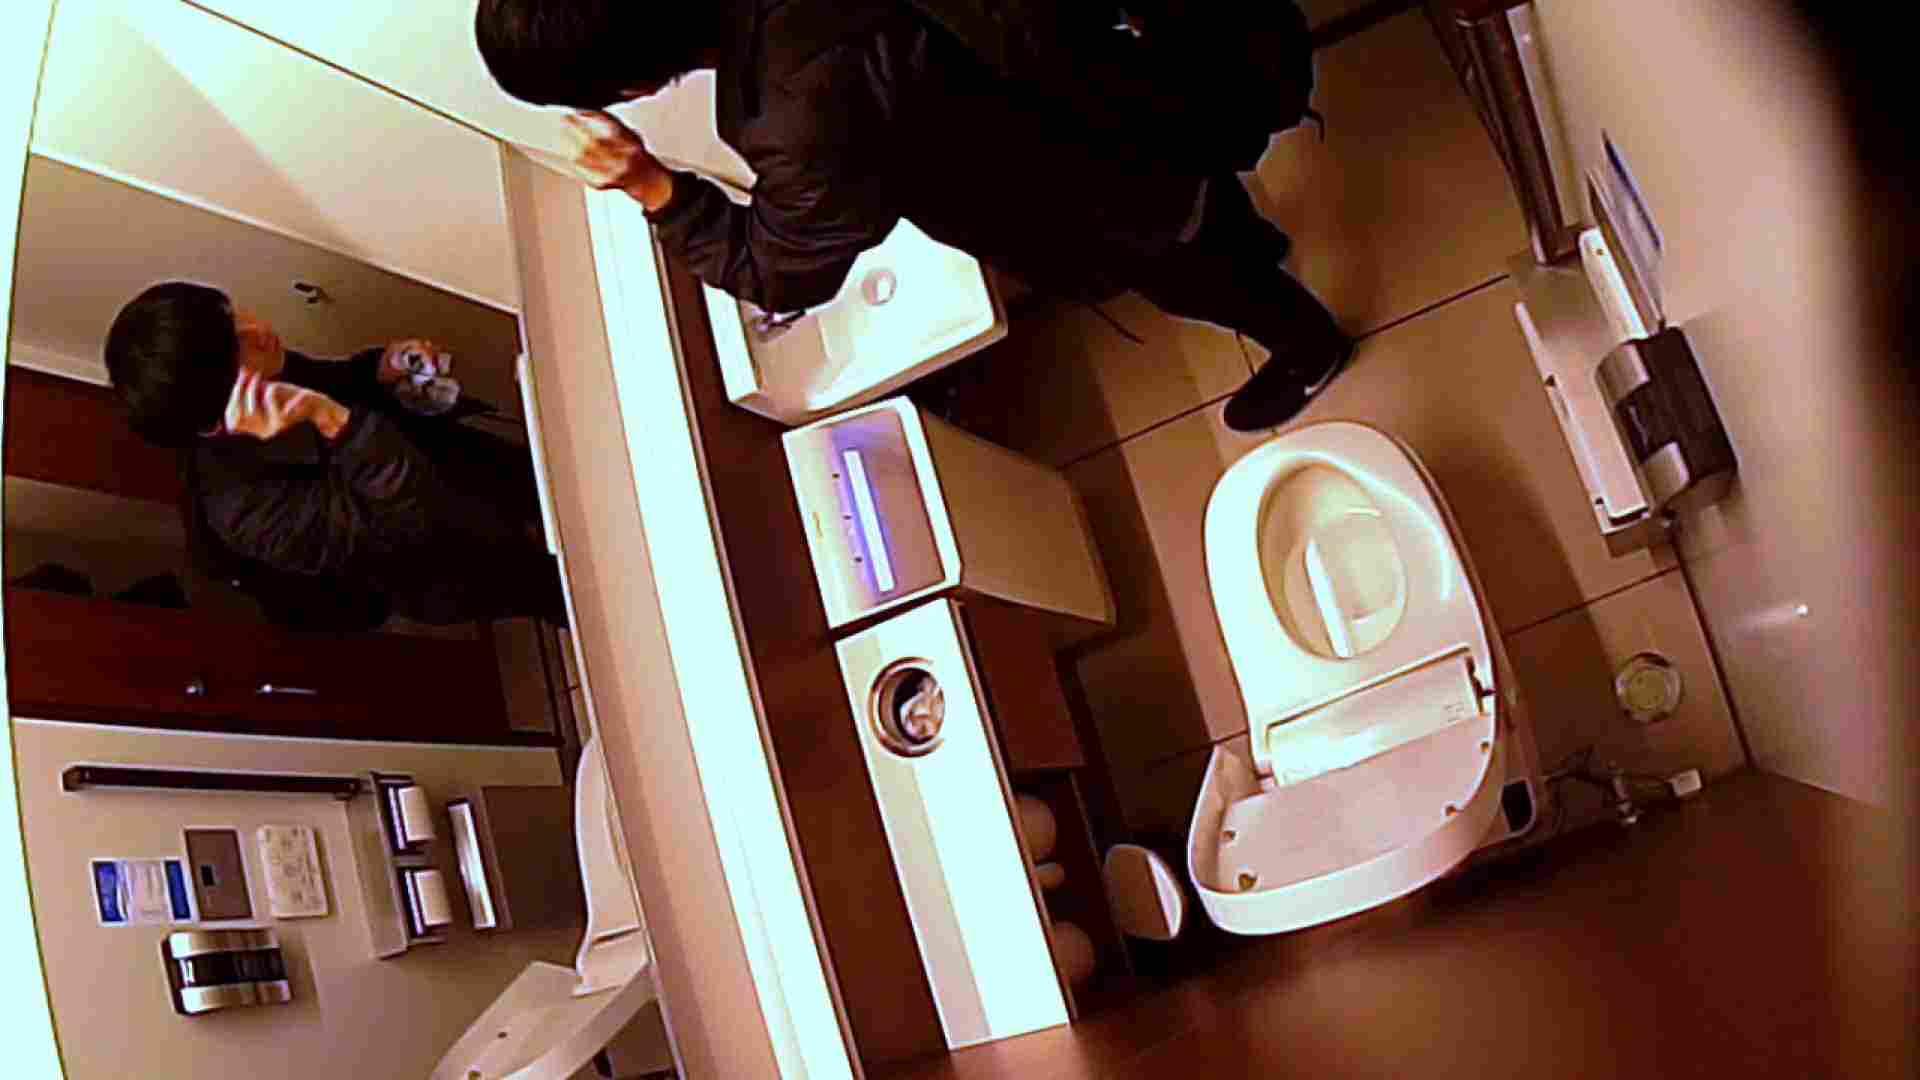 すみませんが覗かせてください Vol.32 トイレ | 0  102pic 84